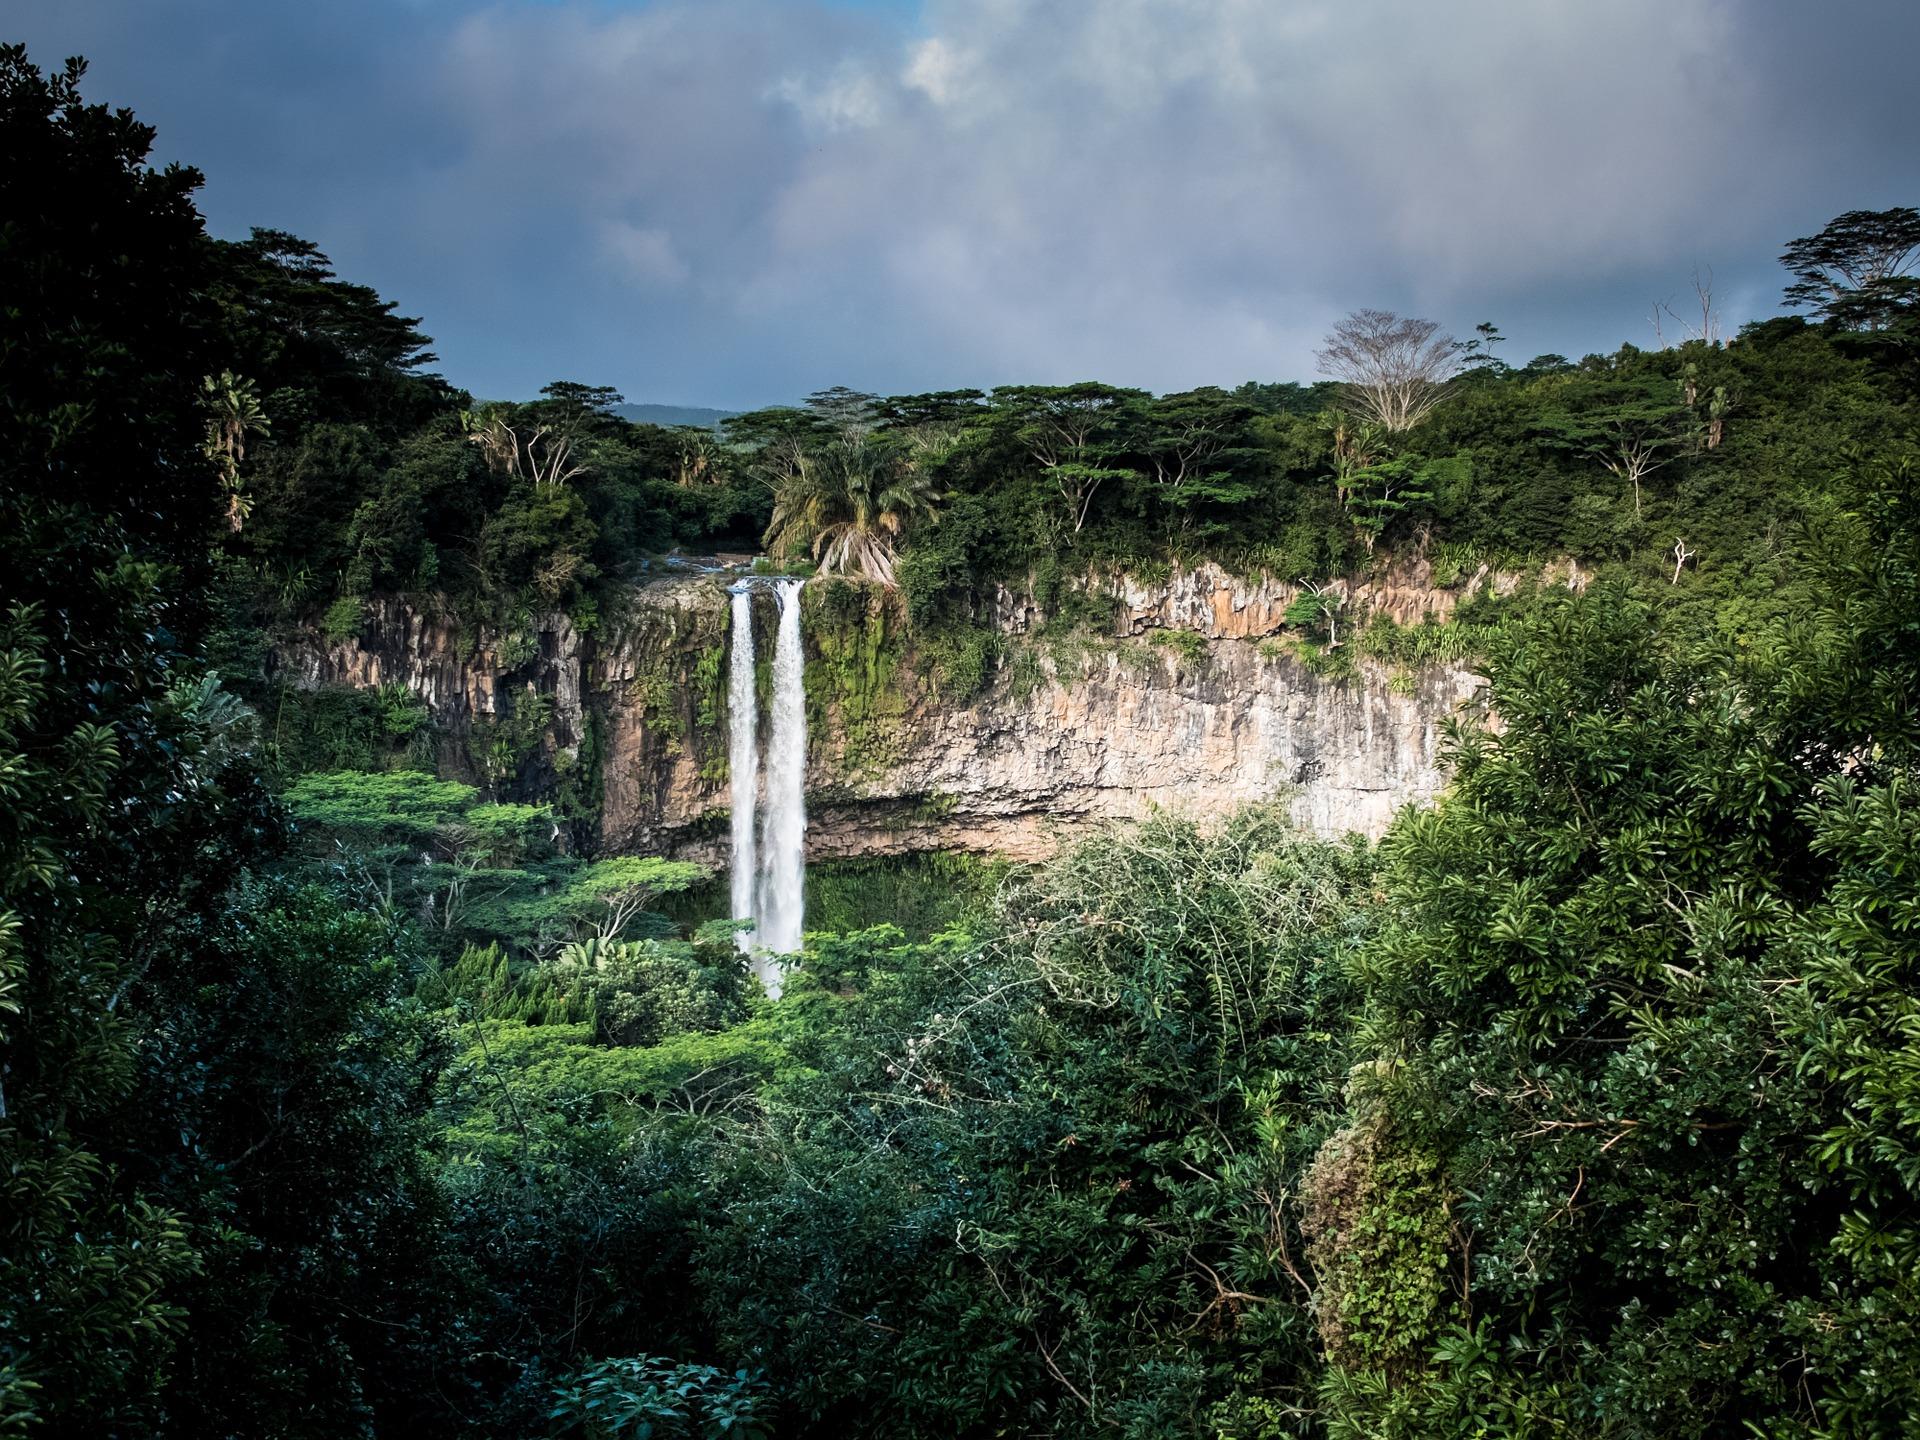 Un coup dans l'atmosphère : un nouveau projet de mine d'or à ciel ouvert en Guyane